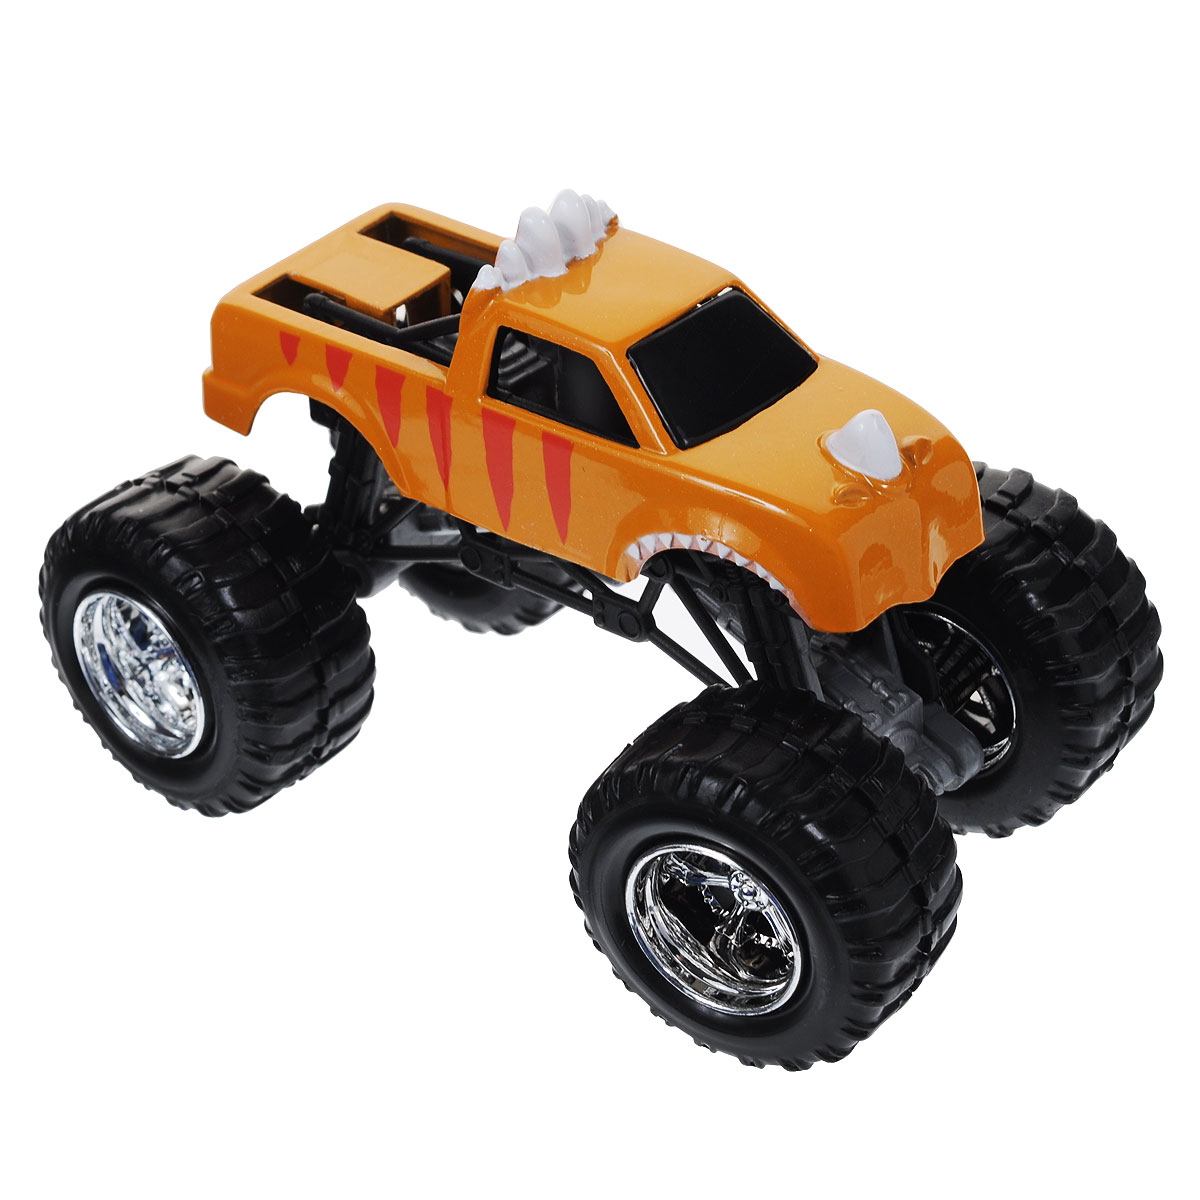 Купить Машинка MotorMax Багги , цвет: оранжевый, красный, MOTORMAX TOY FACTORY, Машинки